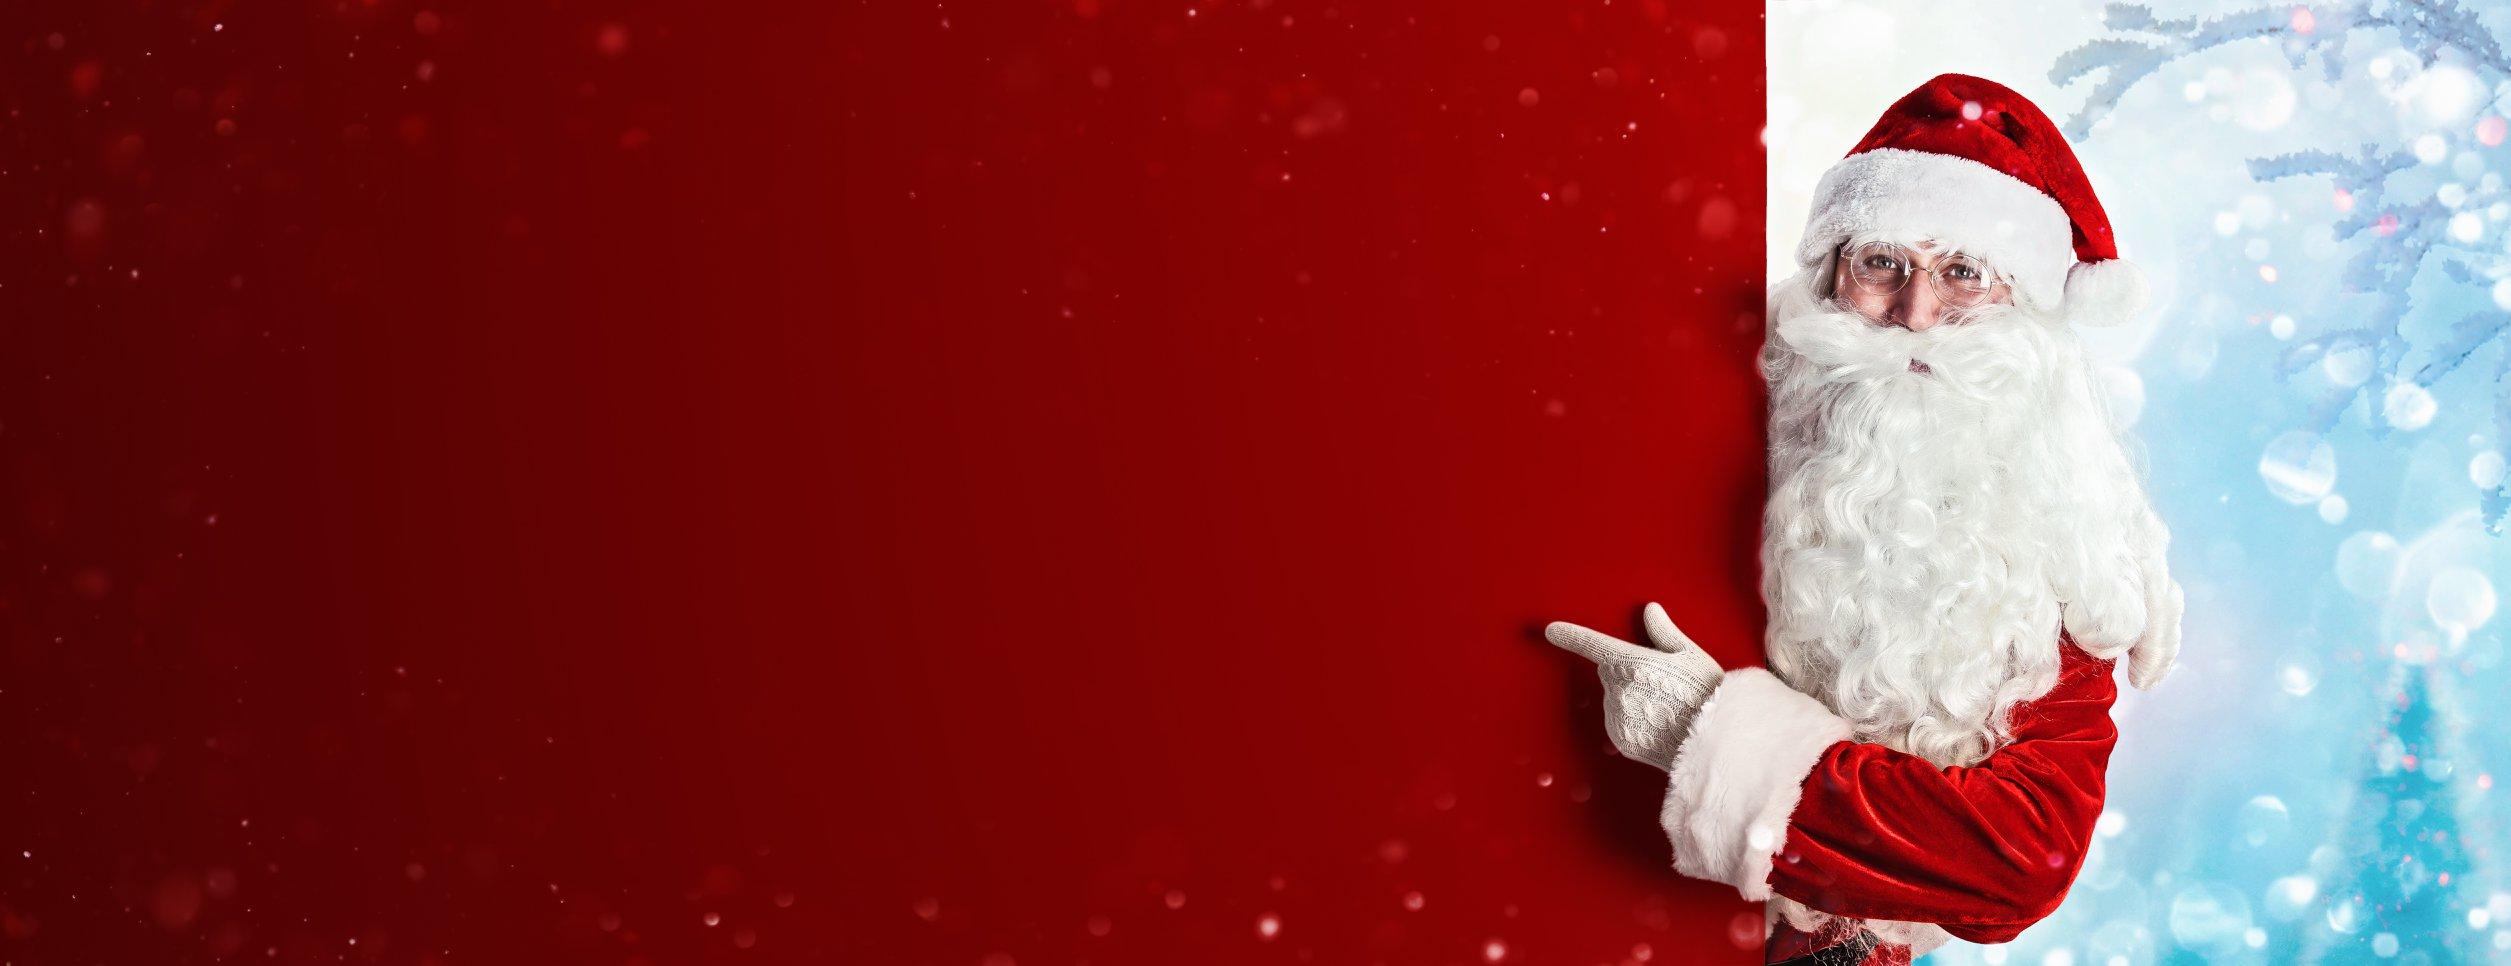 كفرات فيس بوك راس السنه و الكريسماس 10 غلاف فيس بوك رأس السنة و الكريسماس